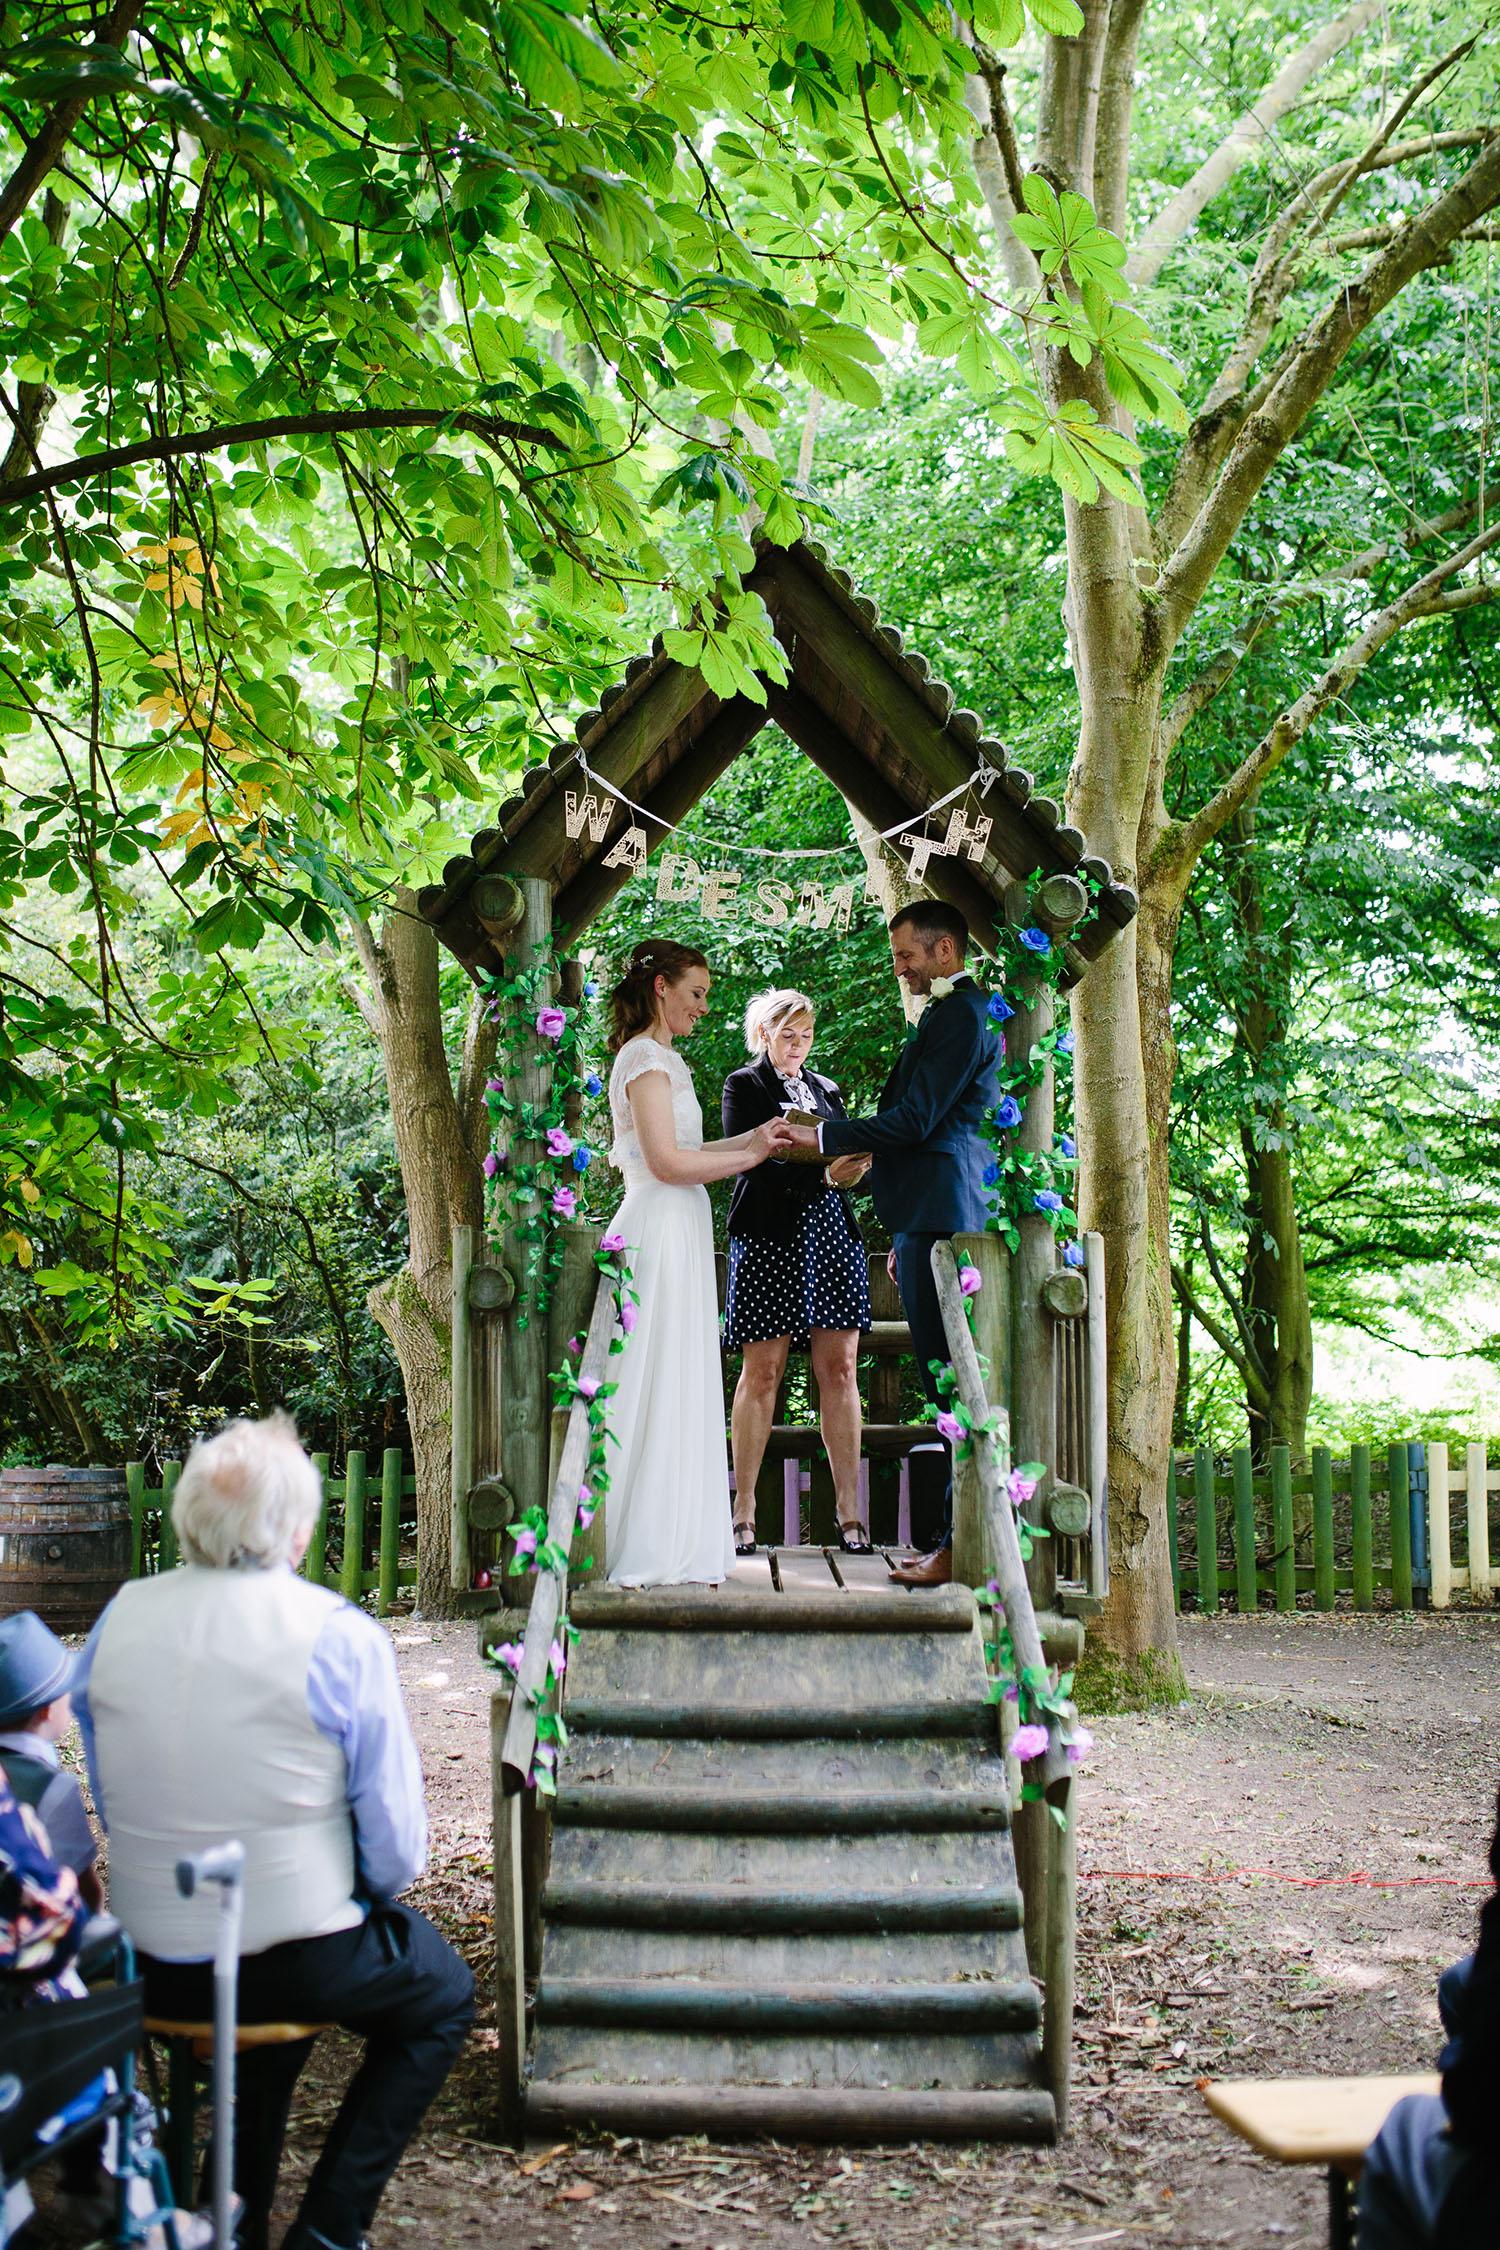 avoncroft-museum-bromsgrove-wedding-053.jpg